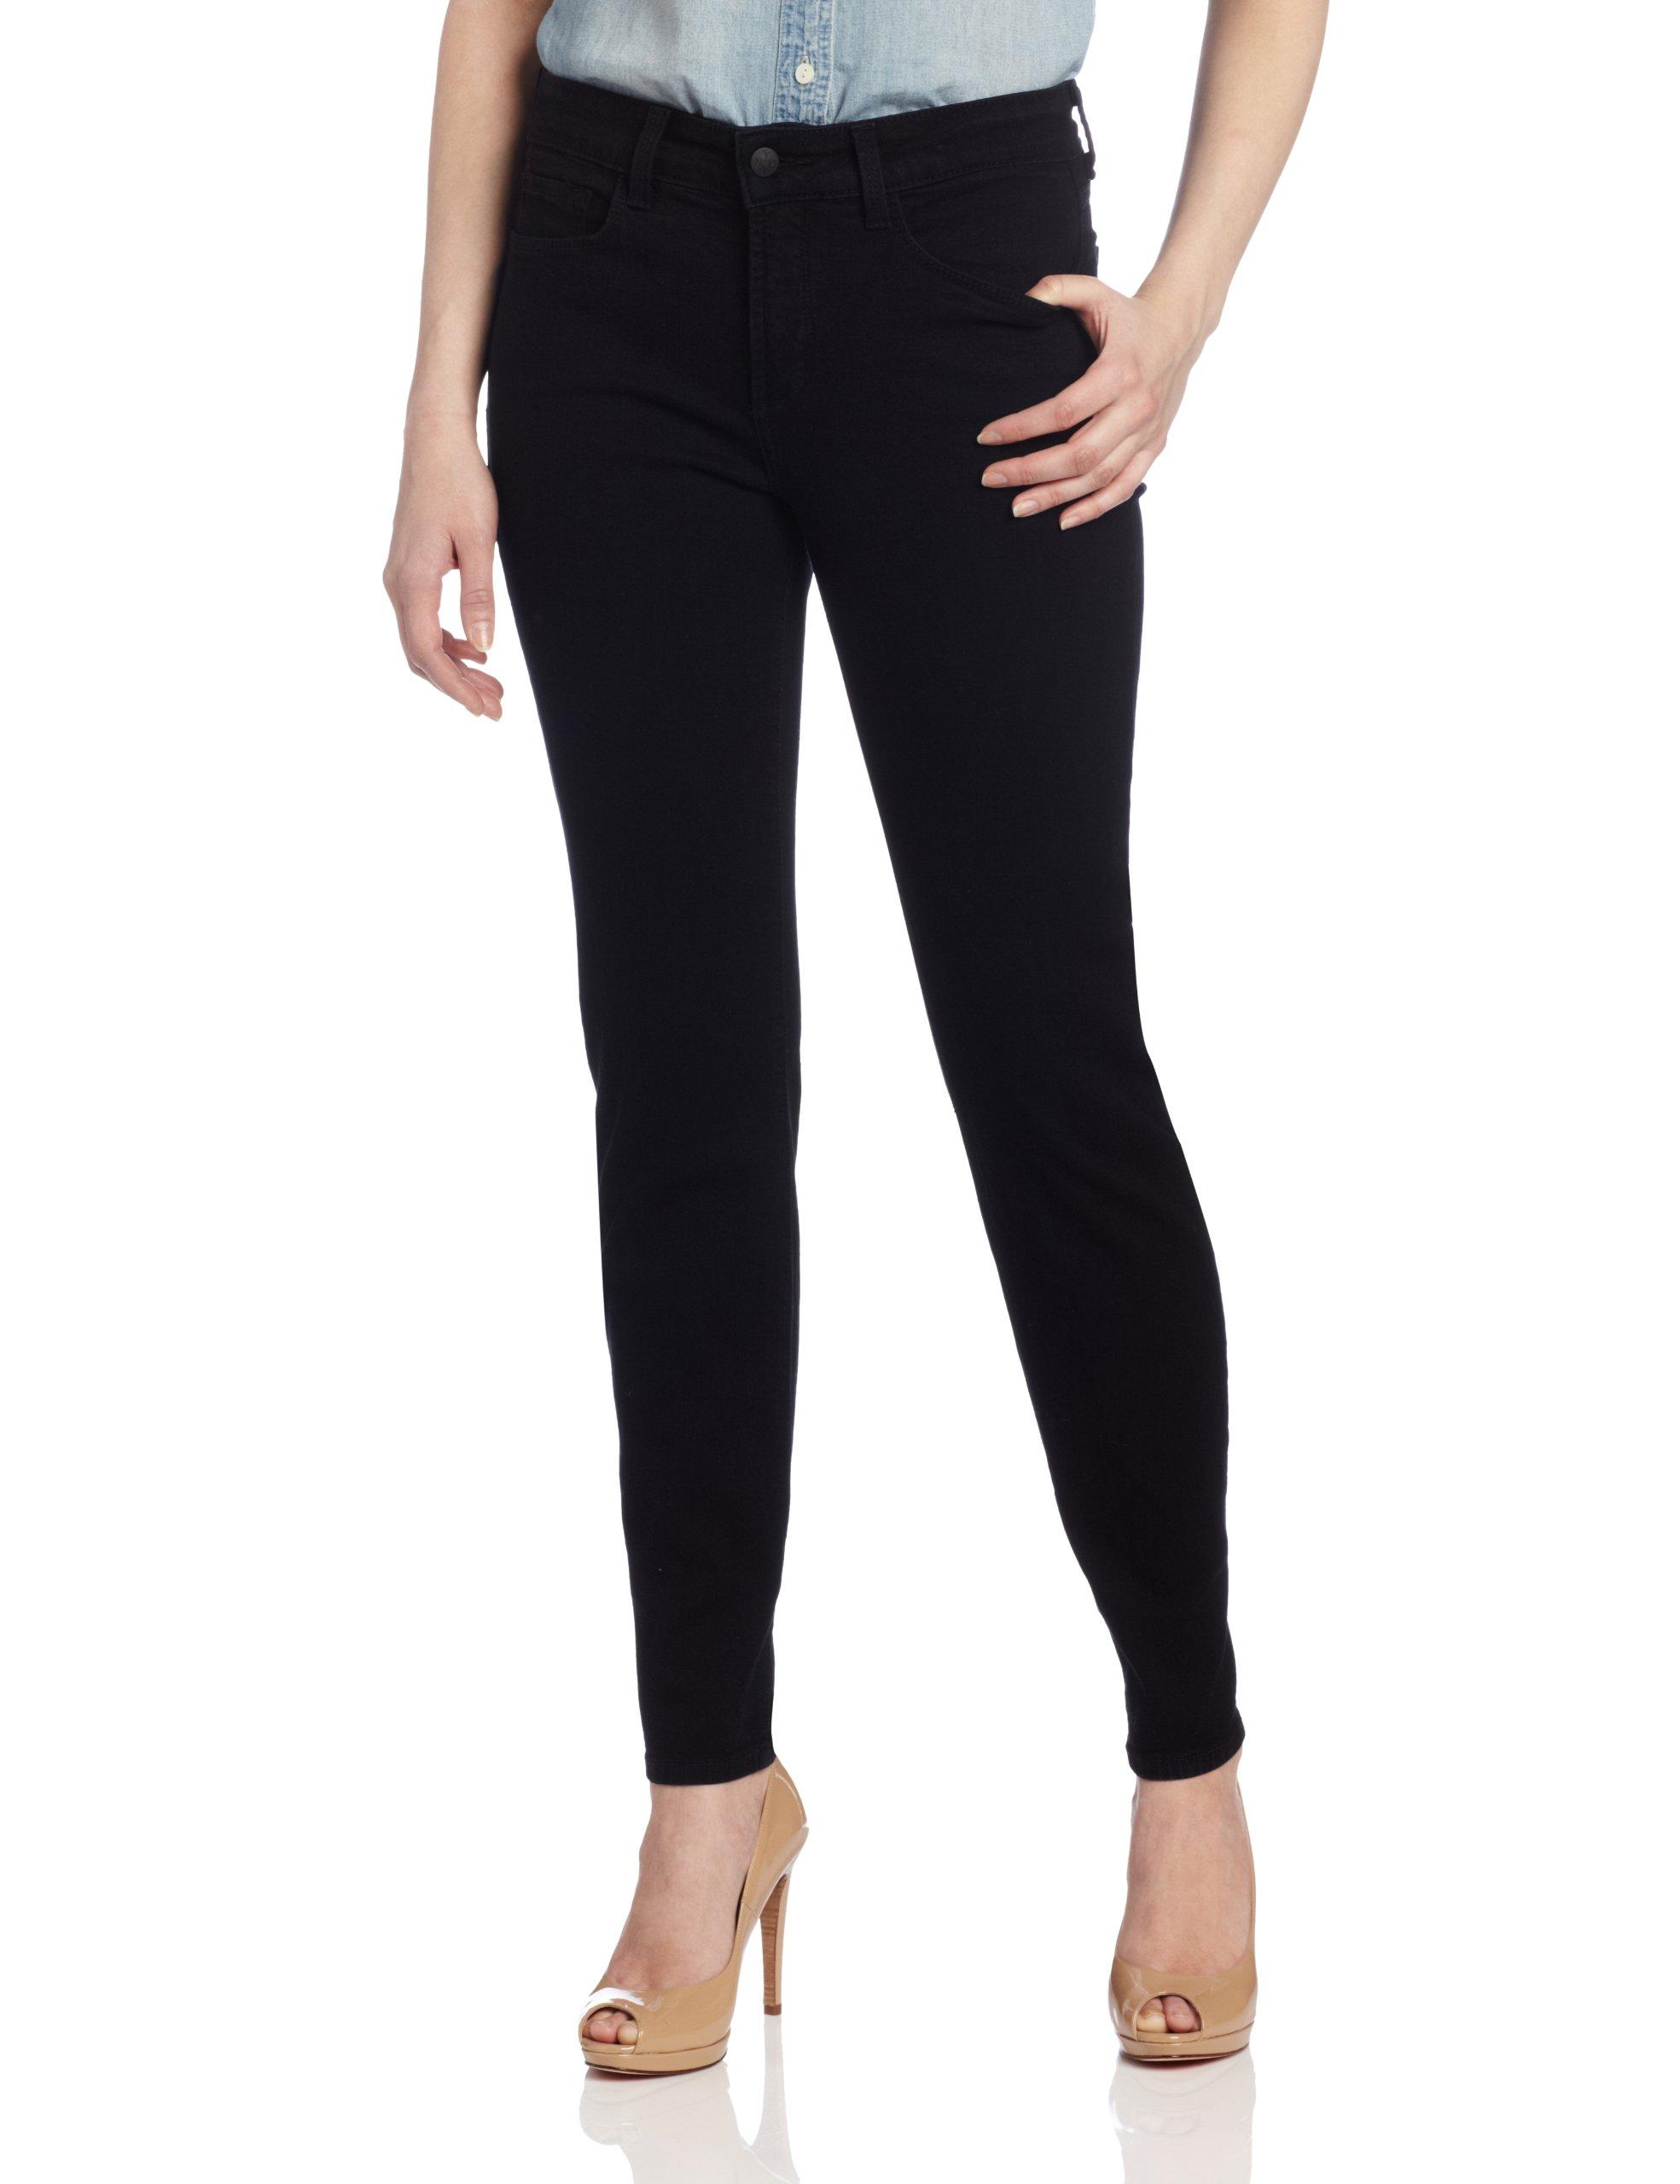 NYDJ Women's Petite Sheri Skinny Jeans, Black, 4P